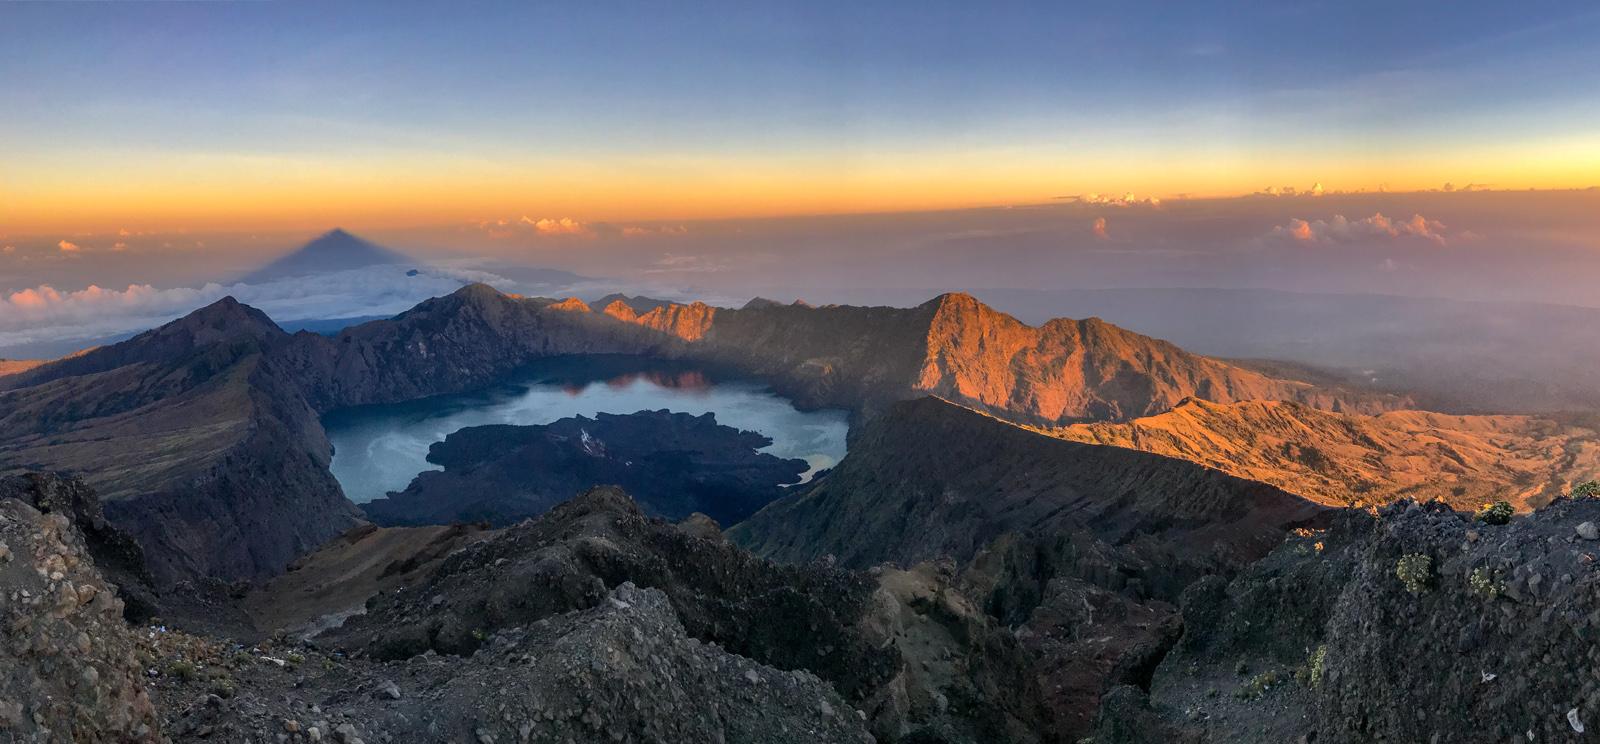 Indonesie Lombok Mont Rinjani sommet